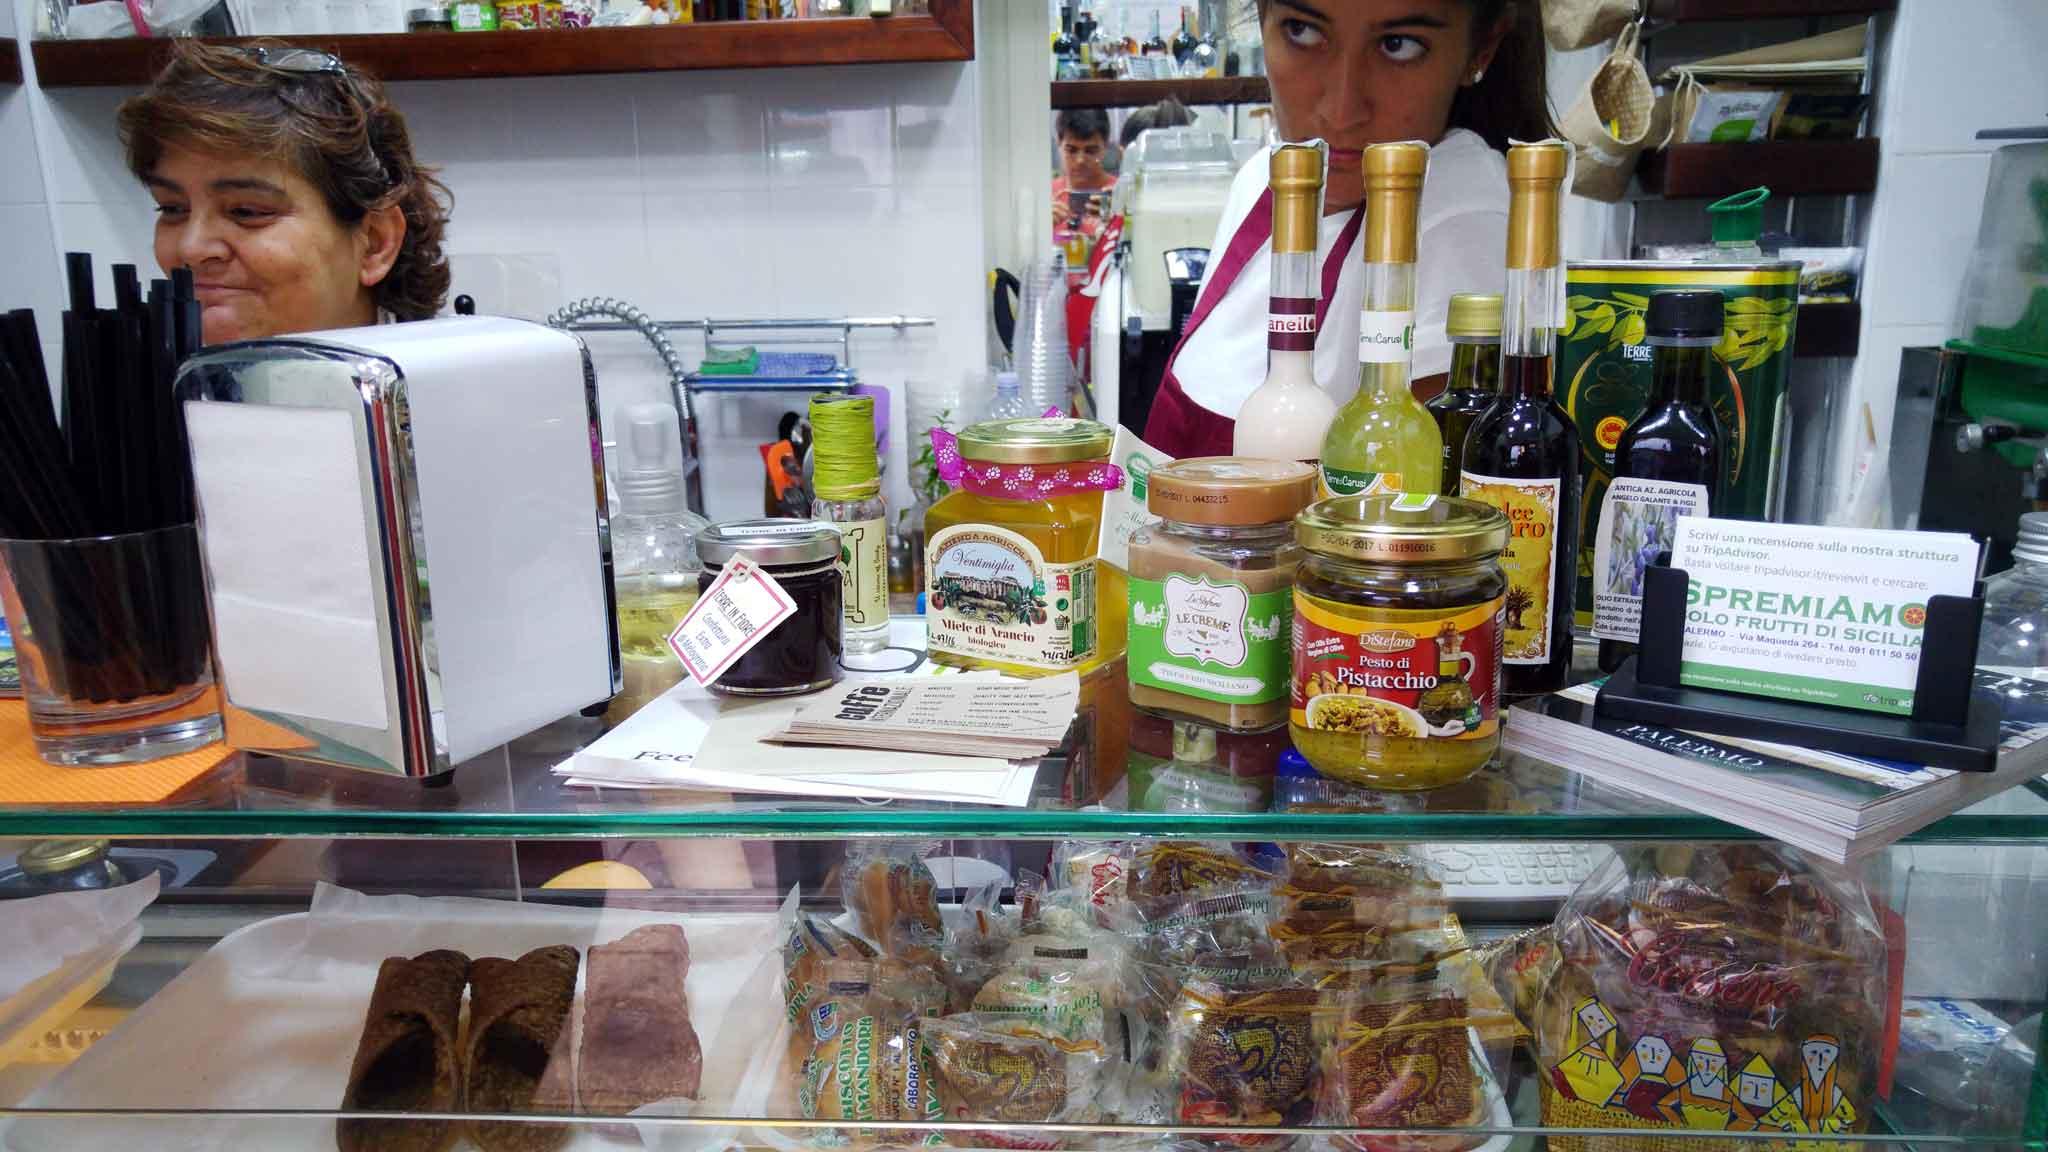 confetture SpremiAmO Palermo